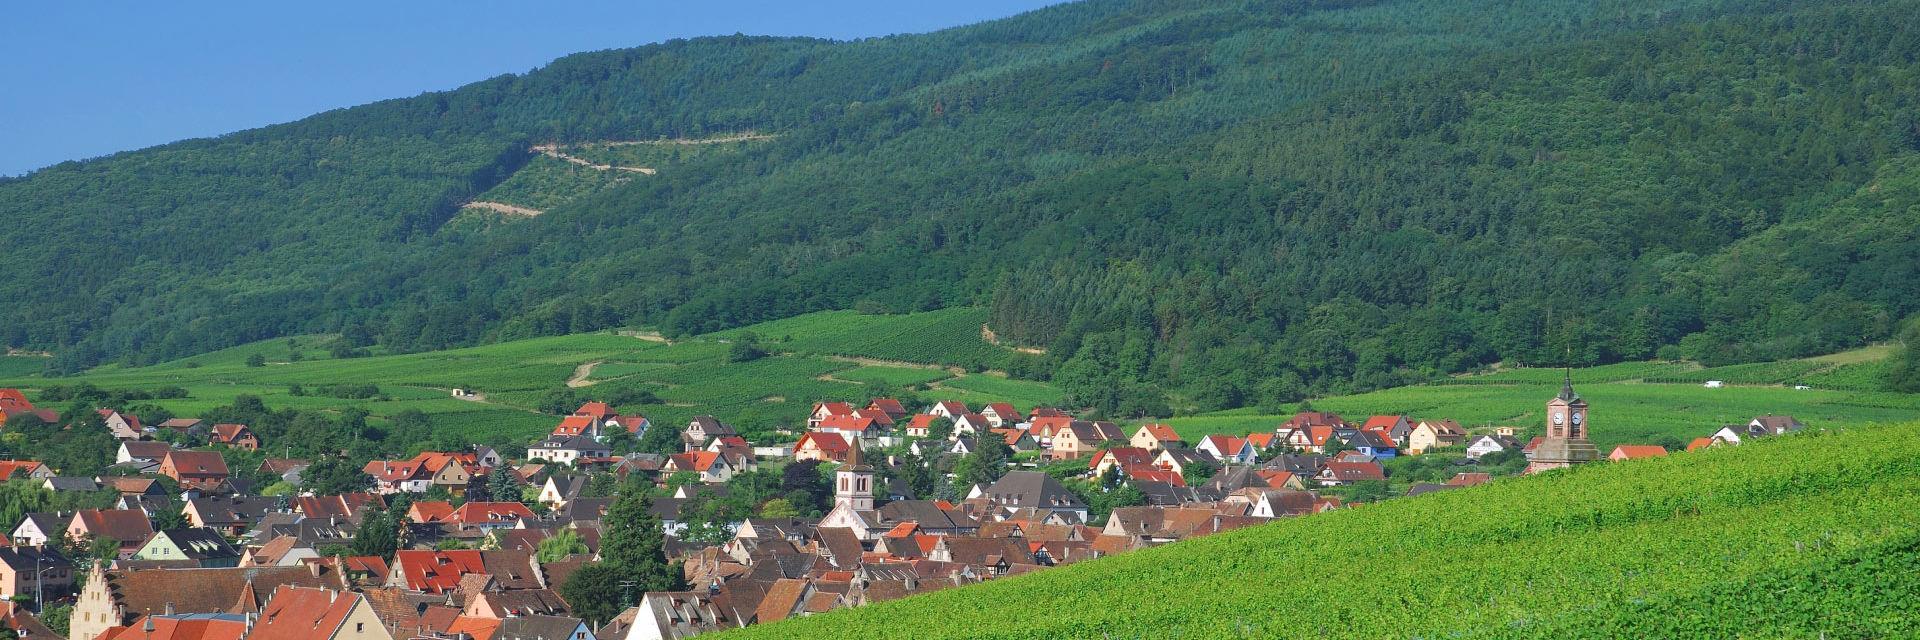 Vakantiehuis Alsace - Grand-Est? Bekijk alle vakantiehuizen